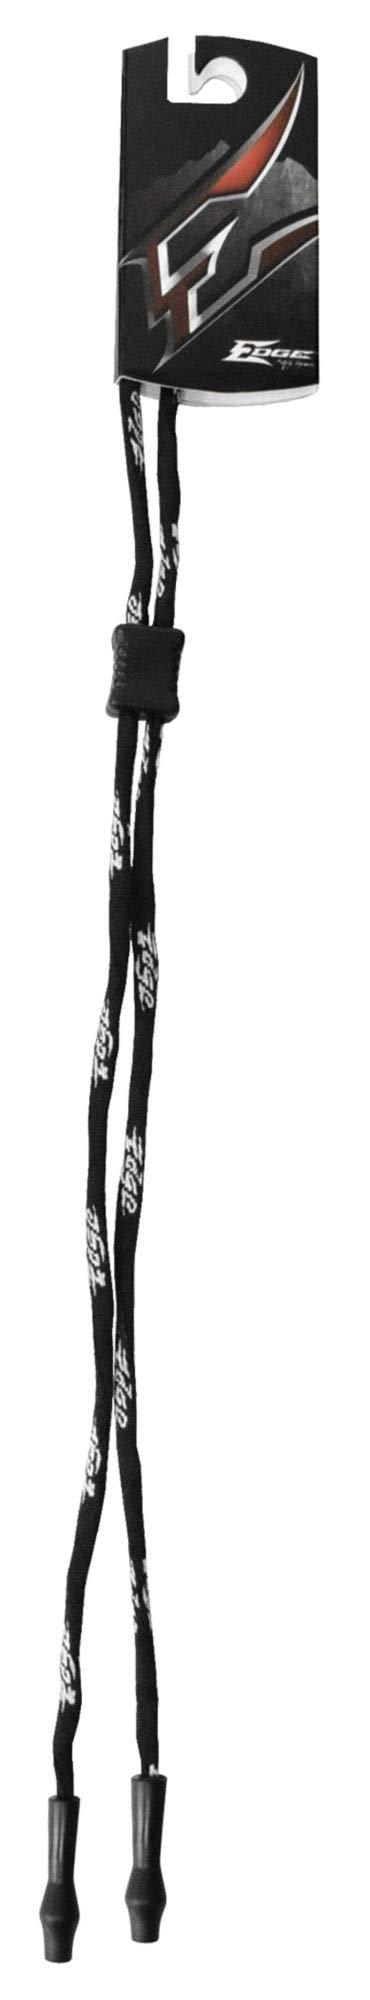 Edge Eyewear Eyewear Rtnr Logo Cord, Bk, 12 In, Nyl - 9706 by Edge Eyewear